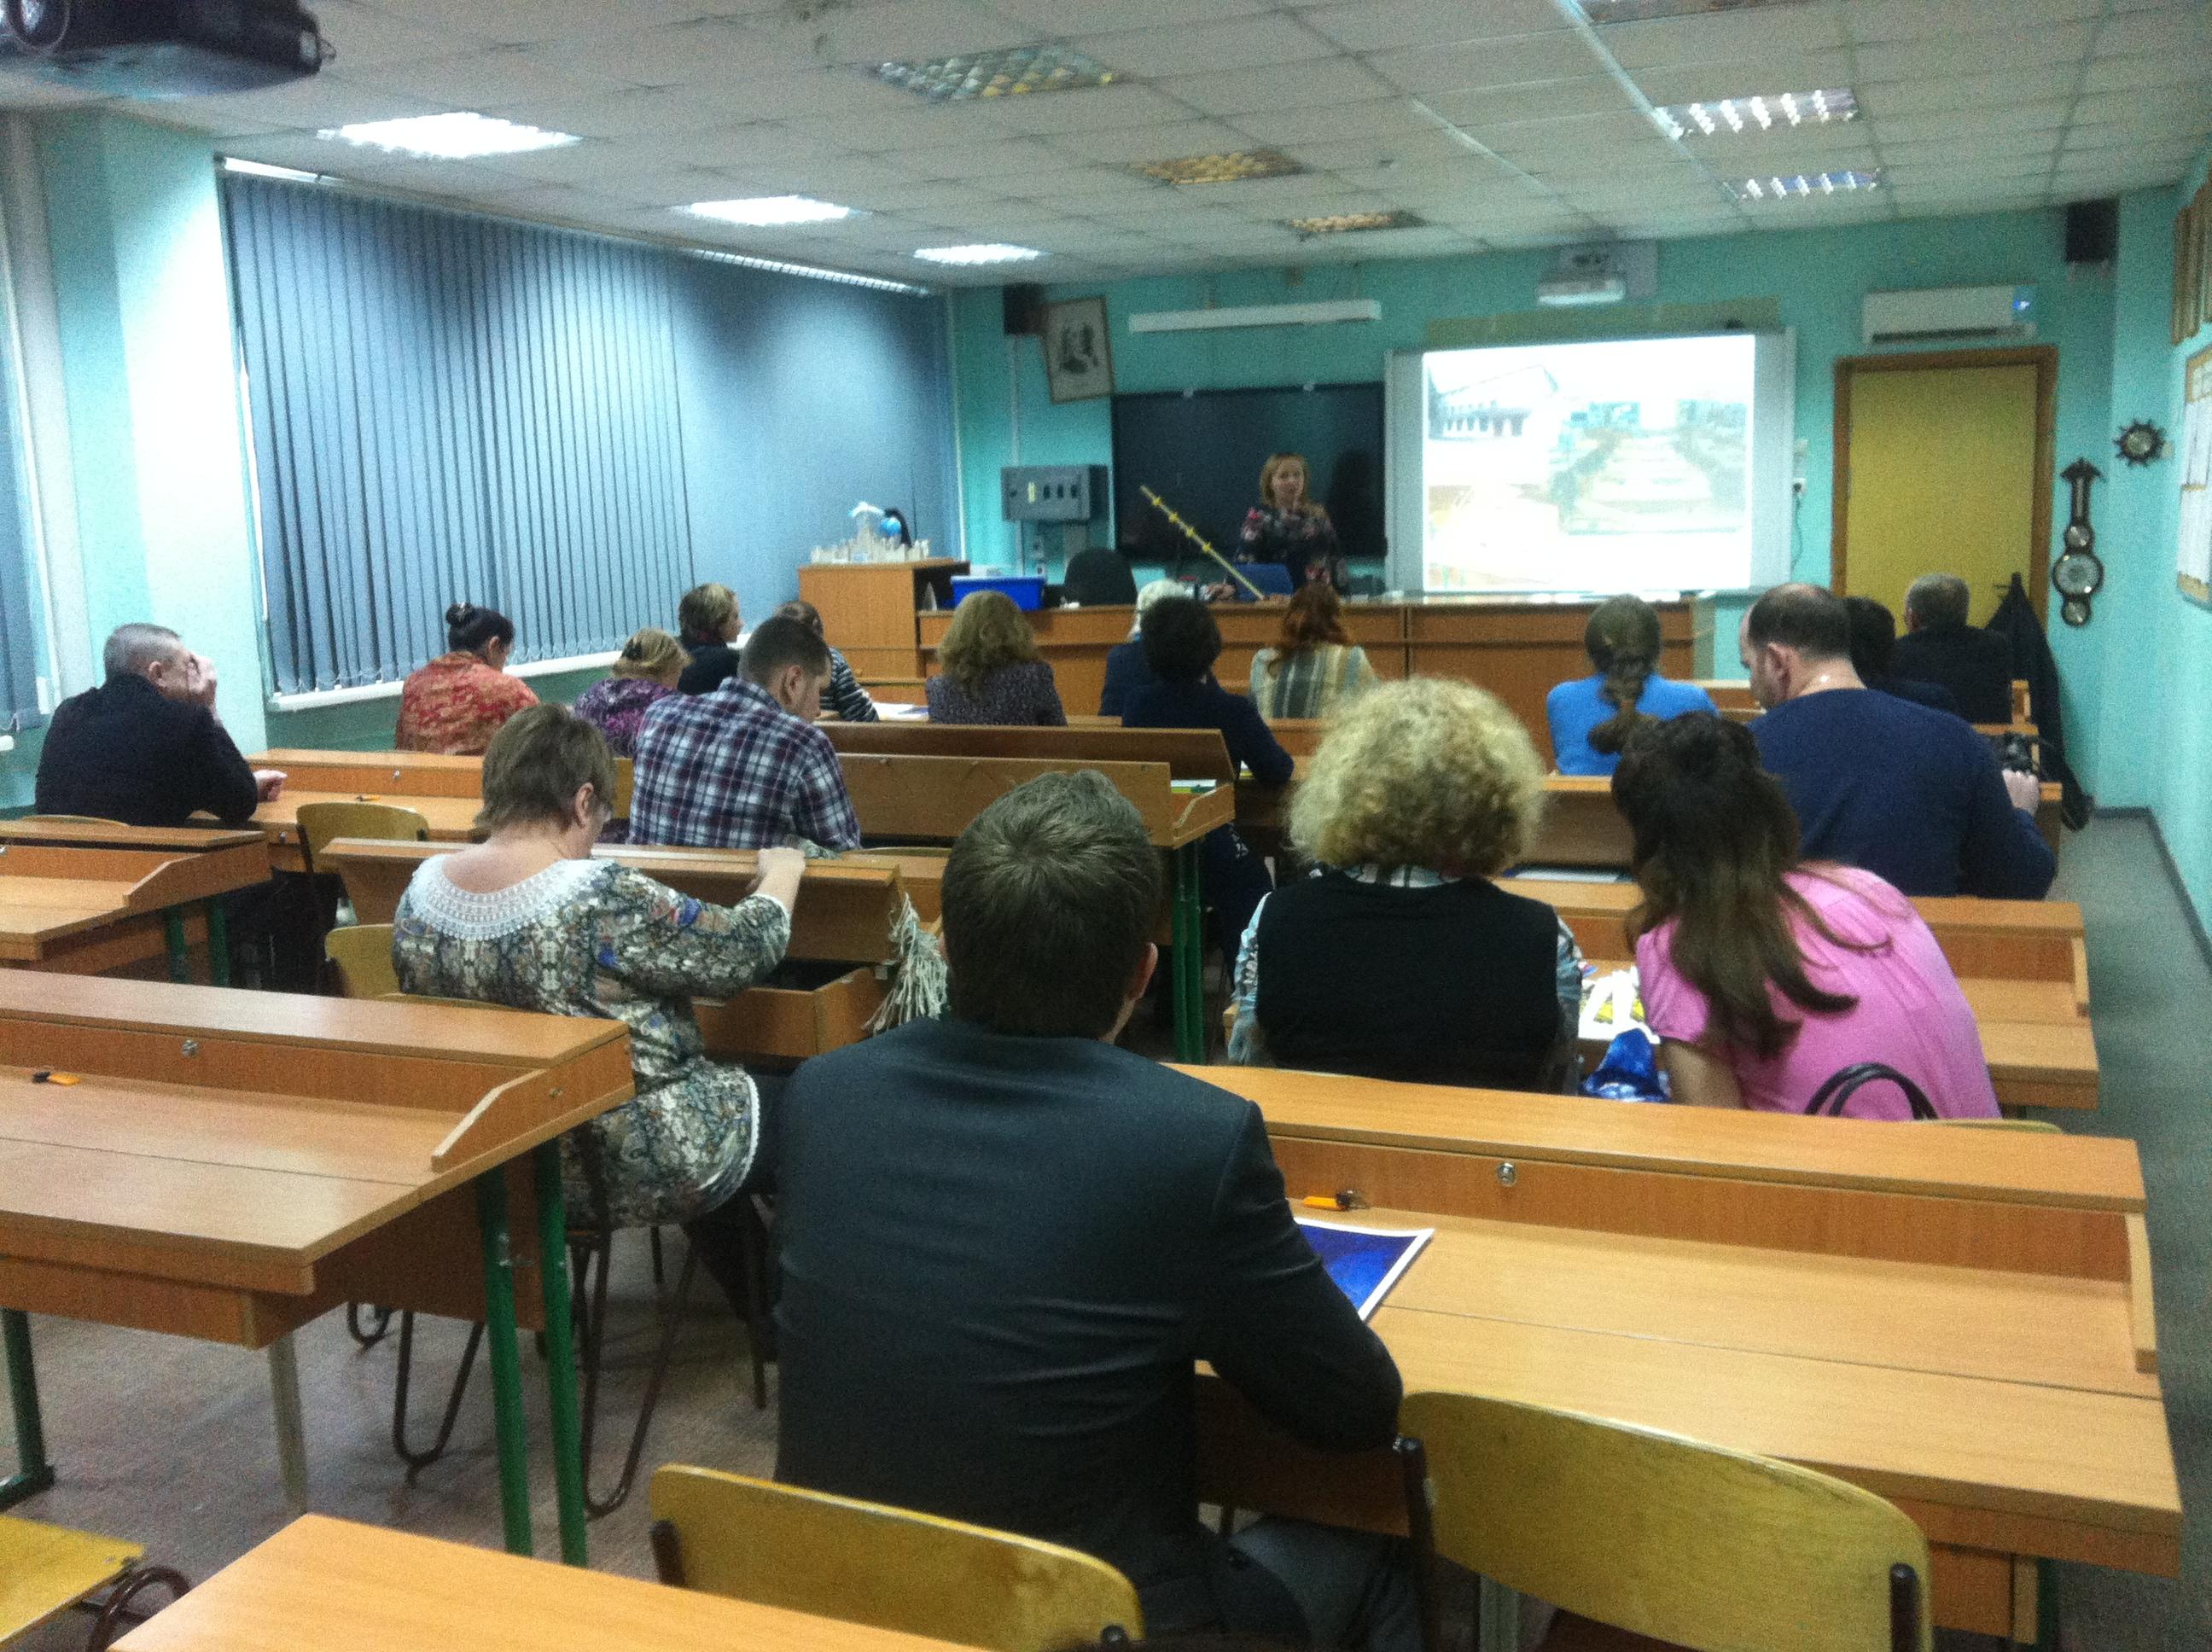 Мастер-класс по цифровым лабораториям ведет Н.В. Андреева